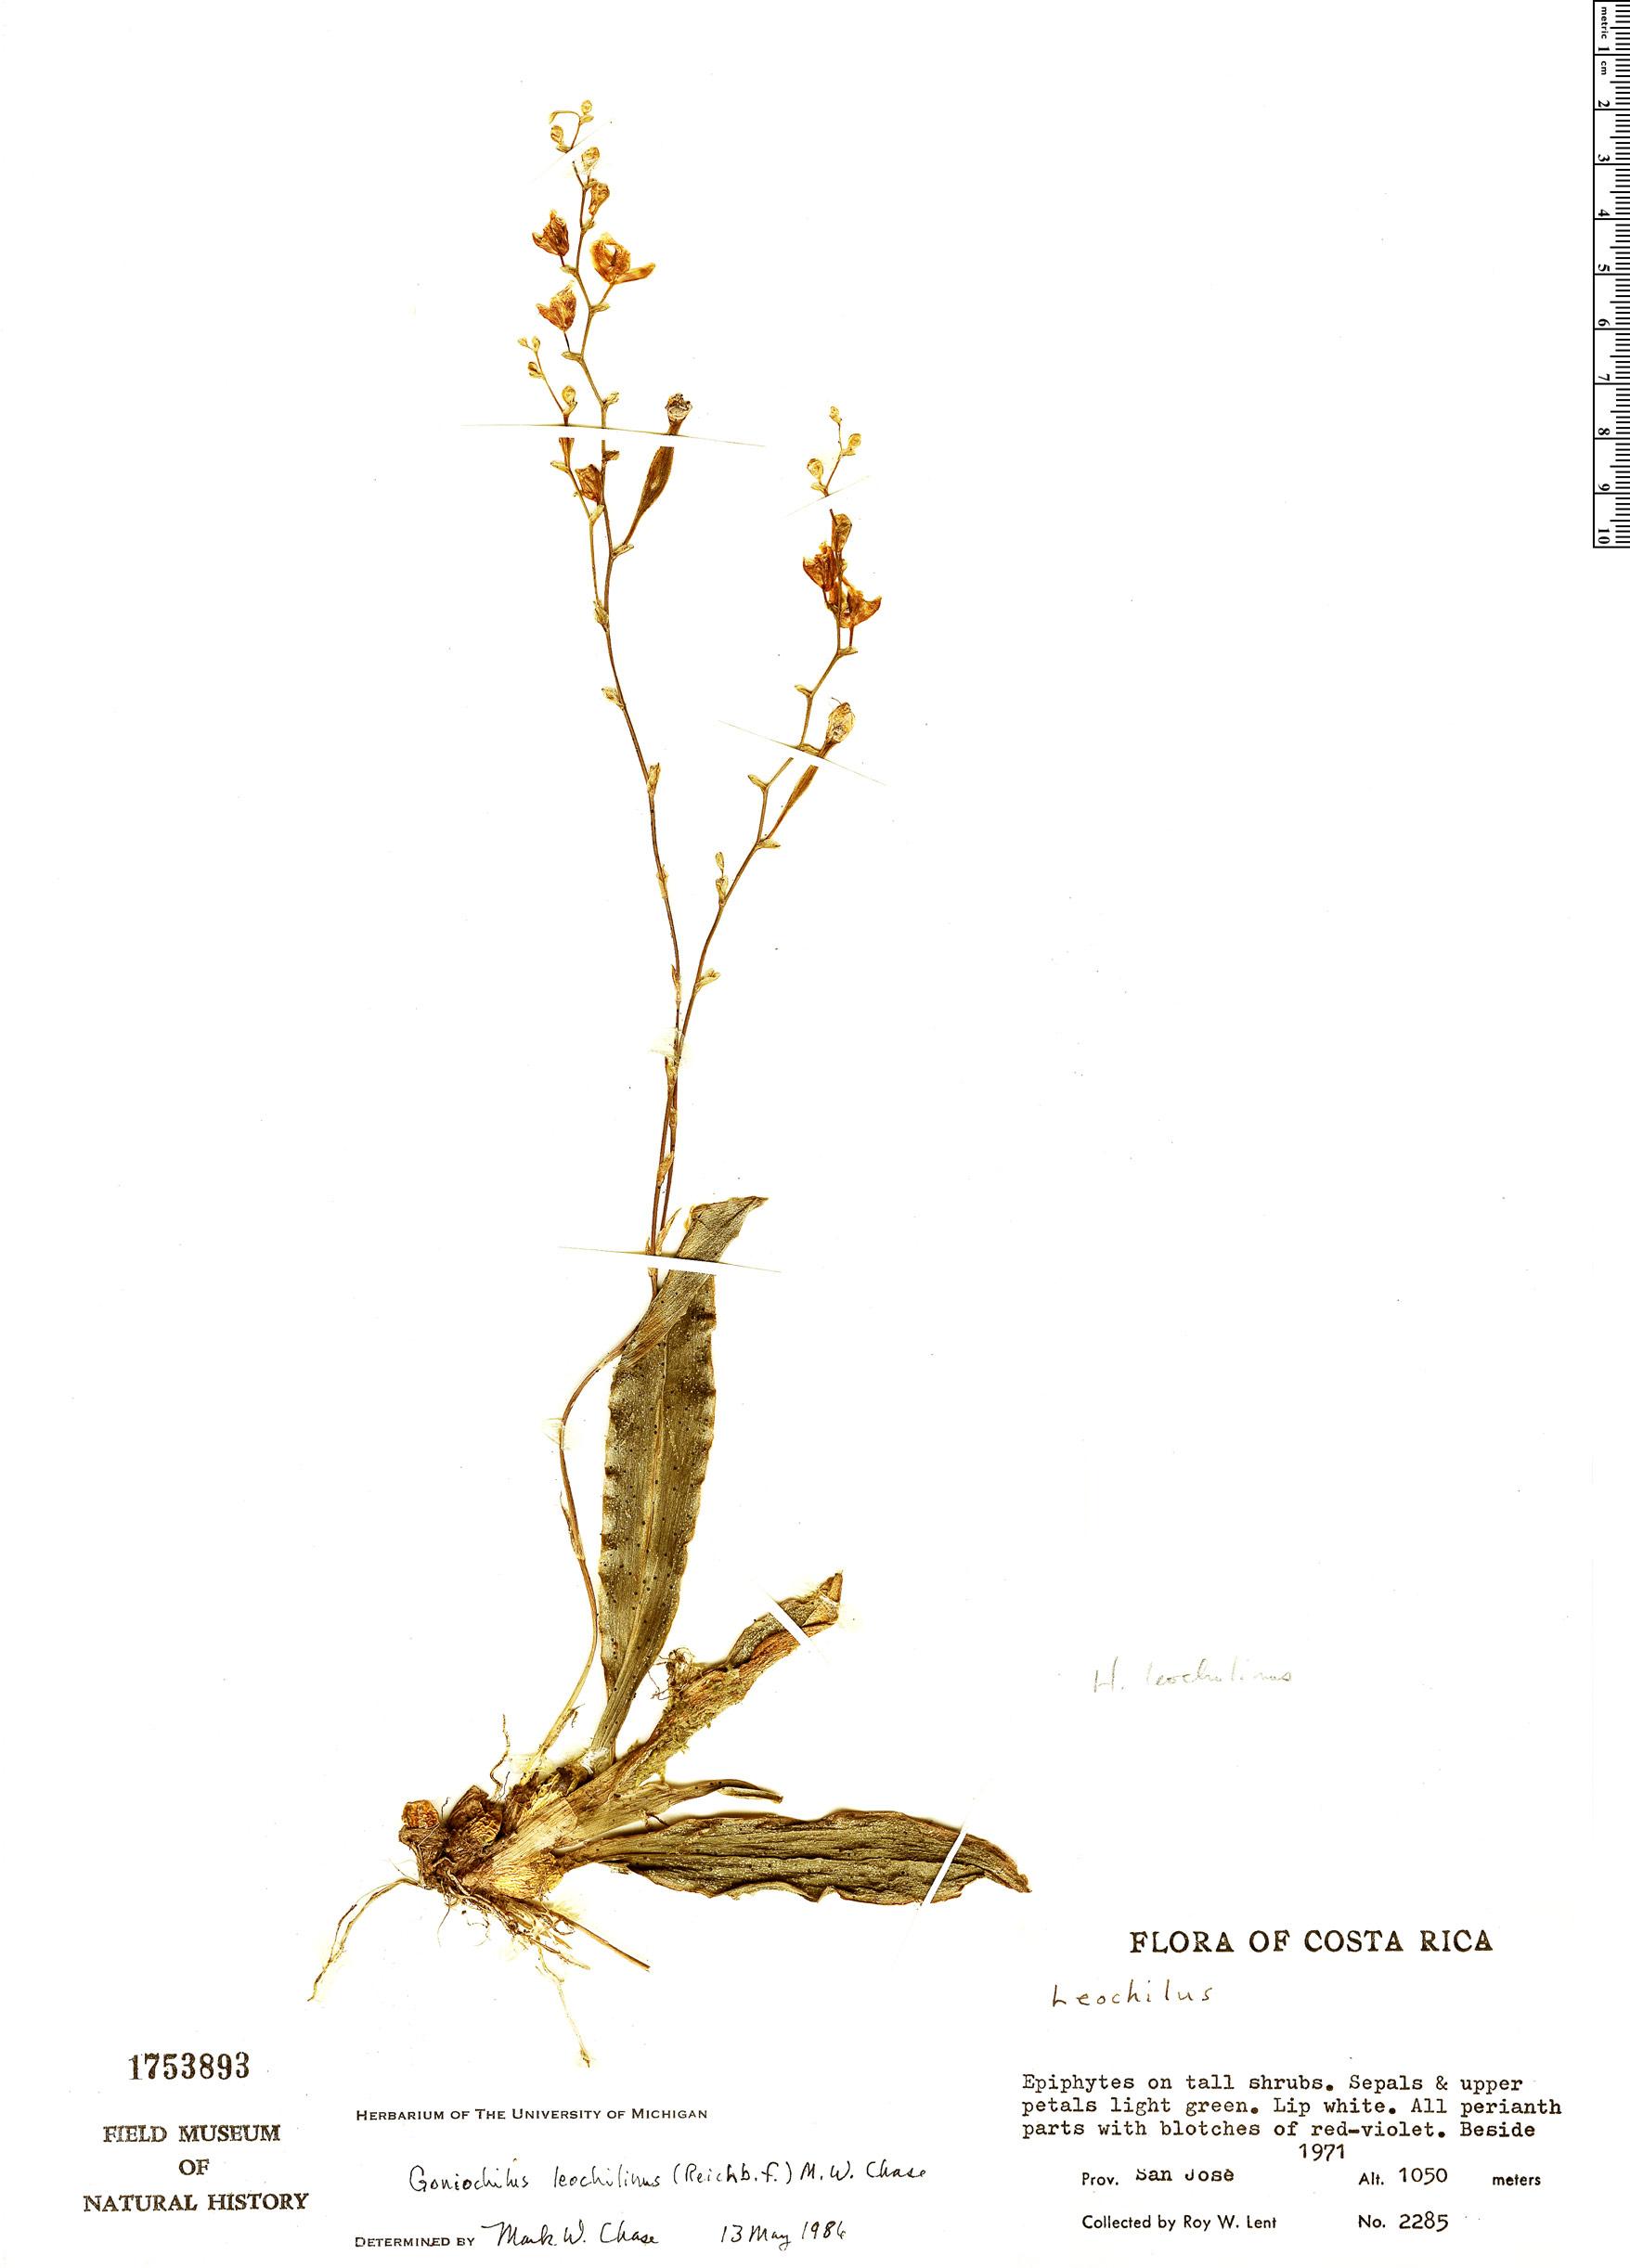 Specimen: Goniochilus leochilinus